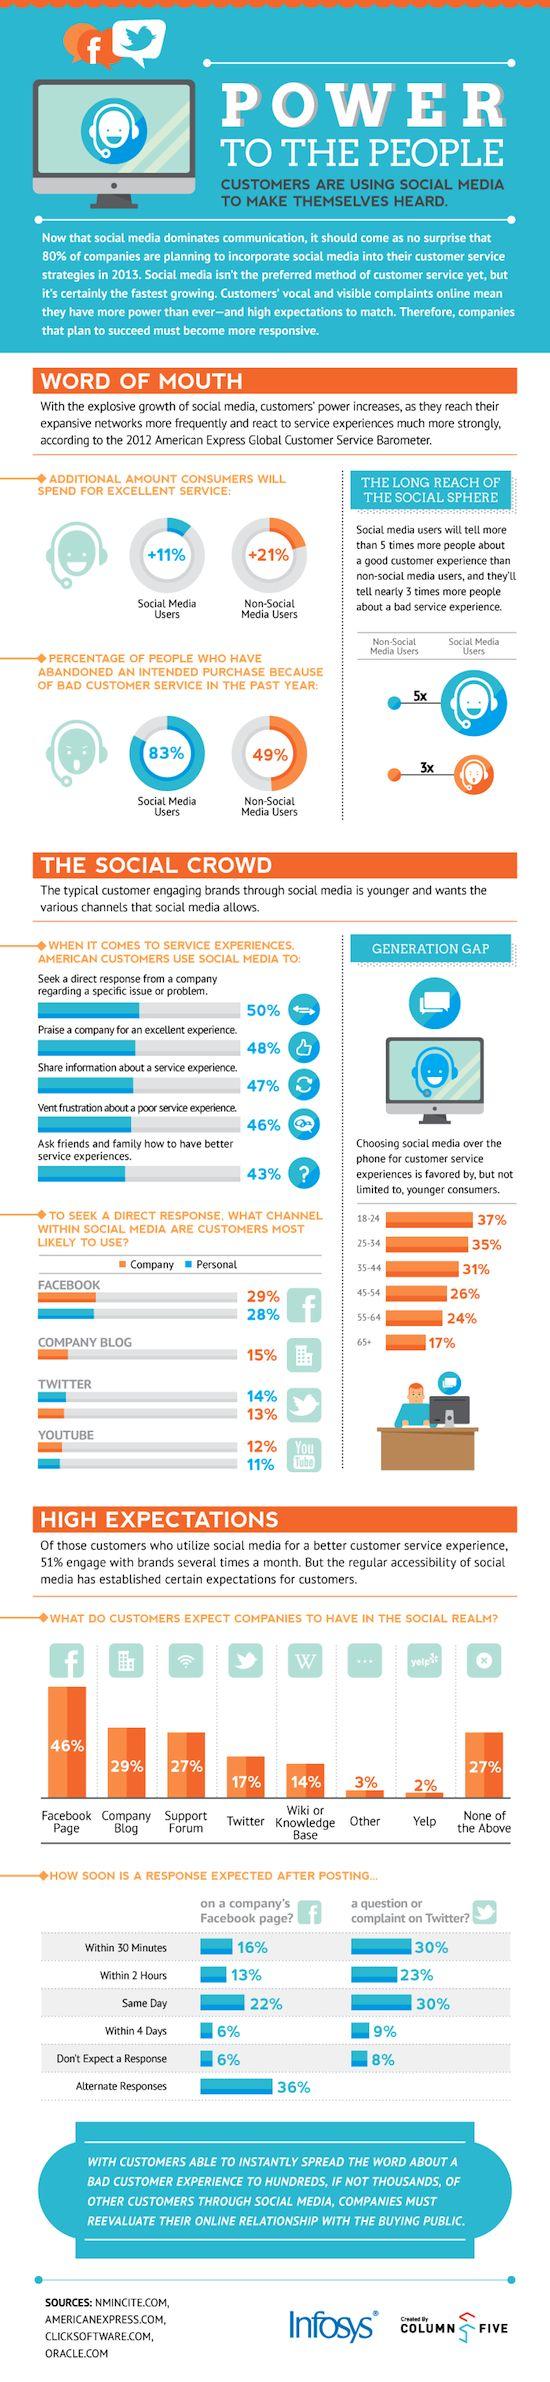 80% des entreprises prévoient d'intégrer les réseaux sociaux dans leur stratégie de service à la clientèle cette année, selon l'entreprise de conseil Infosys. Cette infographie indique que 46% des consommateurs attendent d'une entreprise qu'elle ait sa page Facebook, 29% un blog d'entreprise et 17% un compte Twitter.